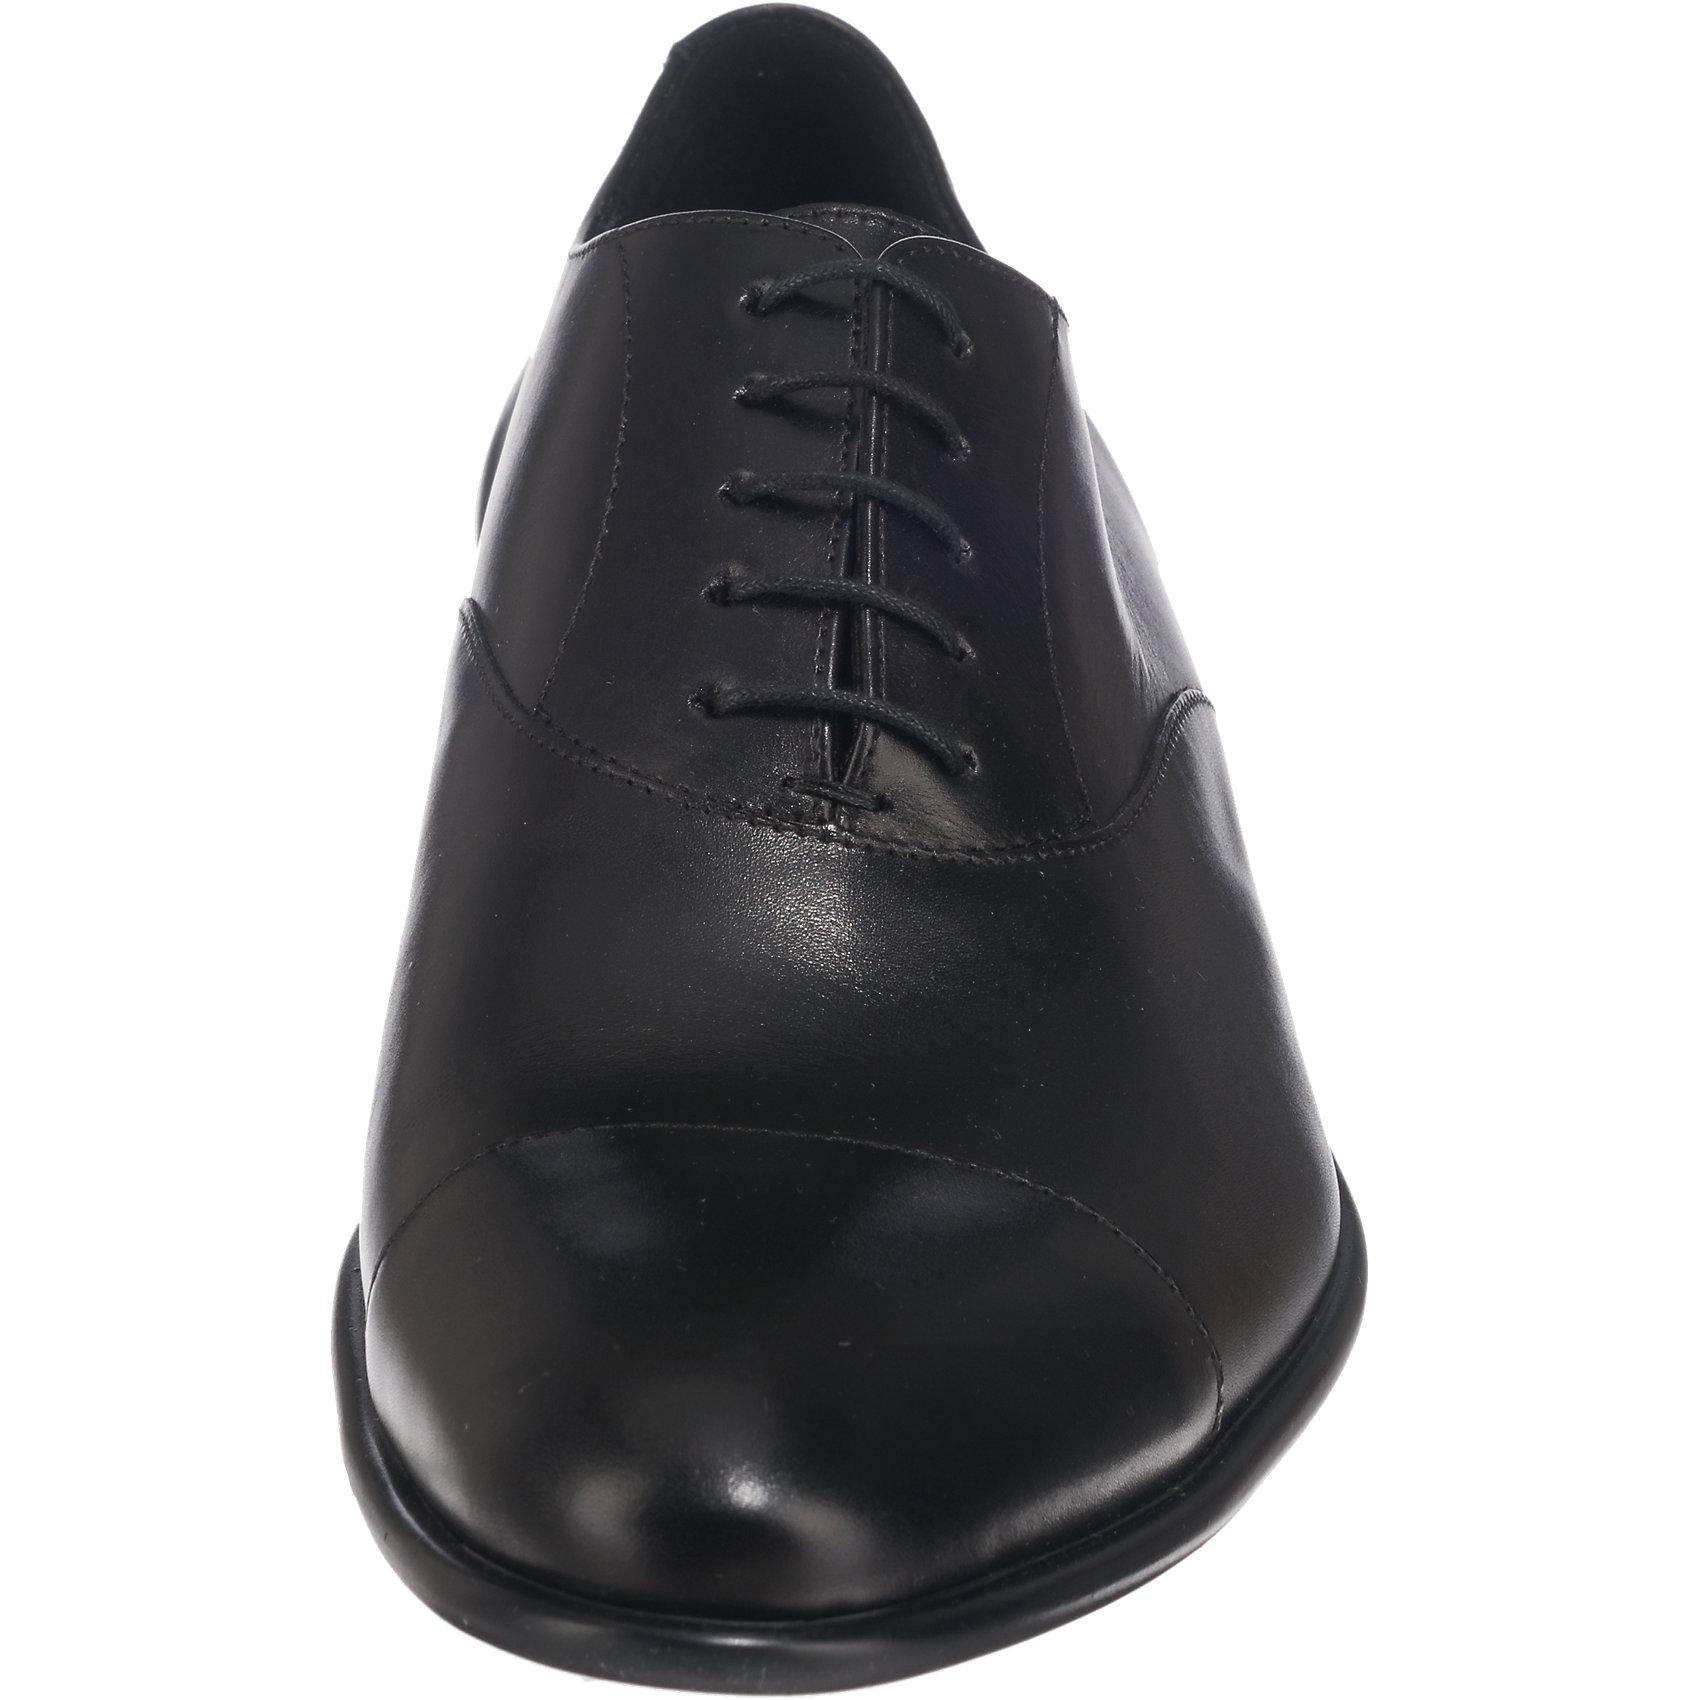 Neu-LLOYD-Noren-Business-Schuhe-schwarz-5779306